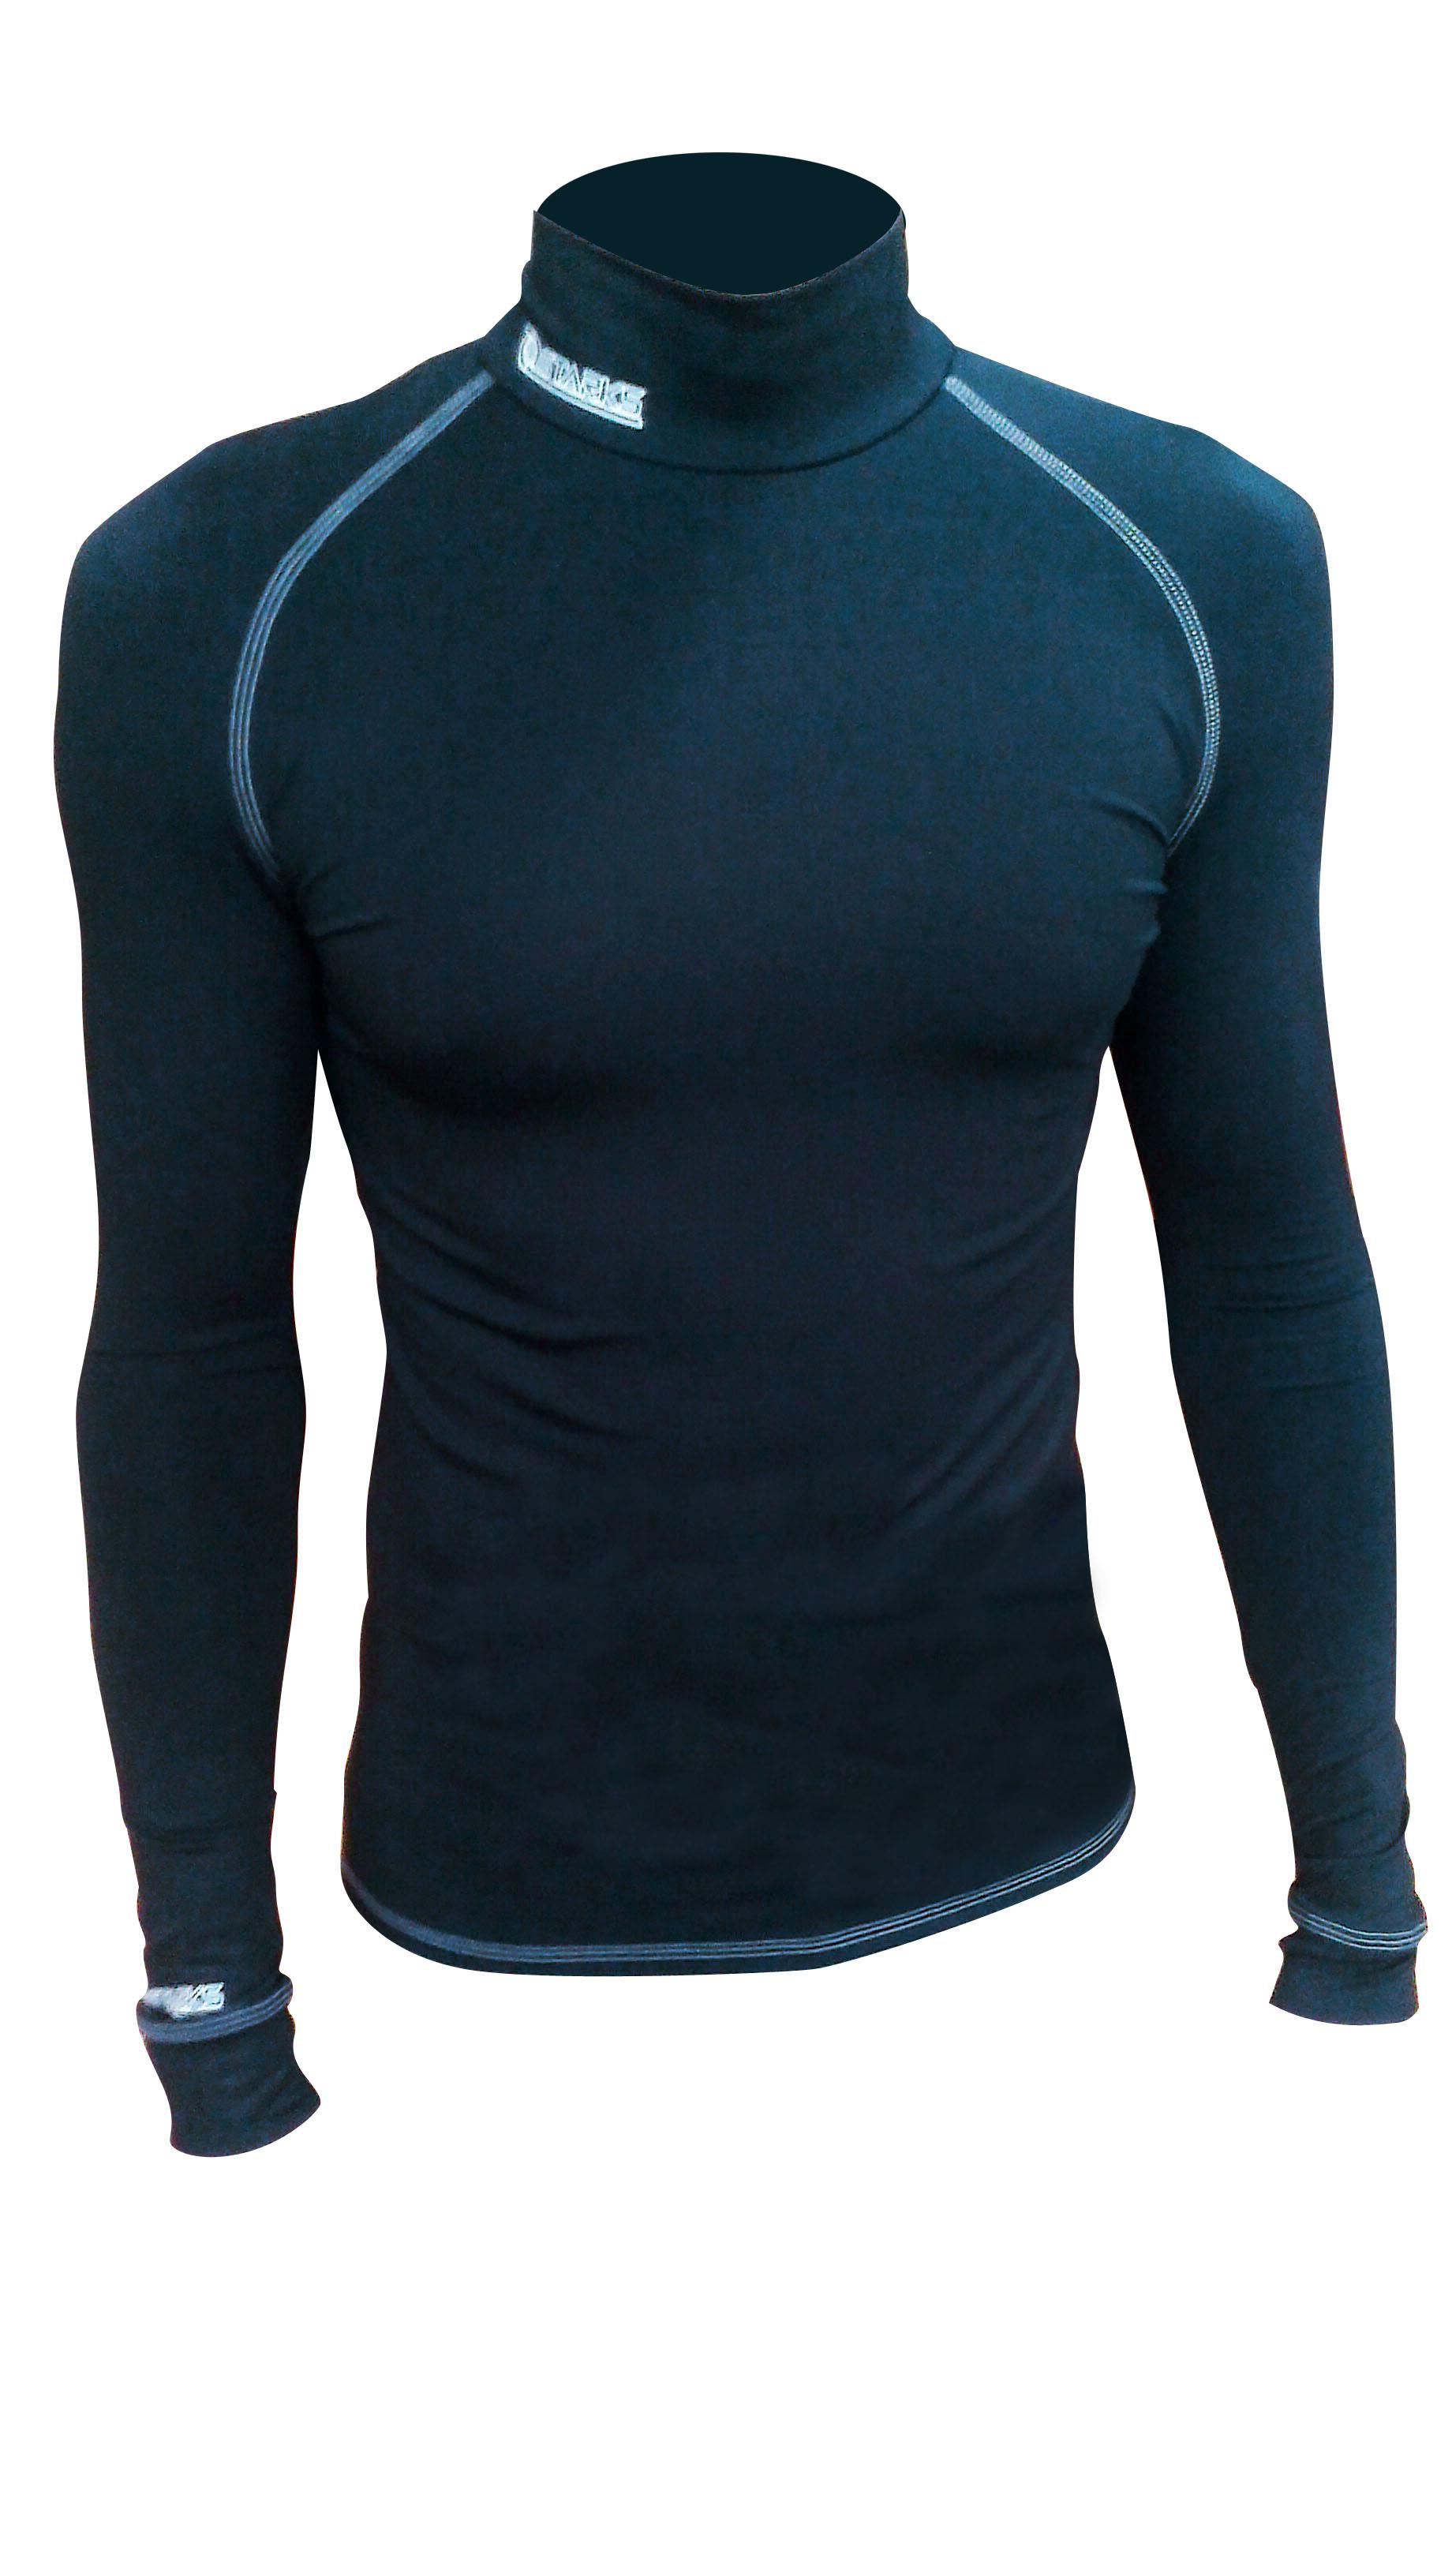 Термобелье кофта мужская Starks Warm, зимняя, цвет: черный. Размер XLЛЦ0018_XL_МужАнатомическое термобелье, выполнено из Европейской сертифицированной ткани Polarstretch. Высокие эластичные свойства материала позволяют белью максимально повторять индивидуальную анатомию тела, эффект второй кожи. Отличные влагоотводящиесвойства, что позволяет телу оставаться сухим. Высокие термоизоляционные свойства, позволяют исключить переохлаждение или перегрев. Воротник стойка обеспечивает защиту шеи от холода. Белье предназначено для активных физических нагрузок. Повседневное использование, в качестве демисезонного. Особенности: STOP BACTERIA Защита от перегрева или переохлаждения Эластичные, мягкие плоские швы Гипоаллергенно Состав: 92%-полиэстер, 8%-эластан